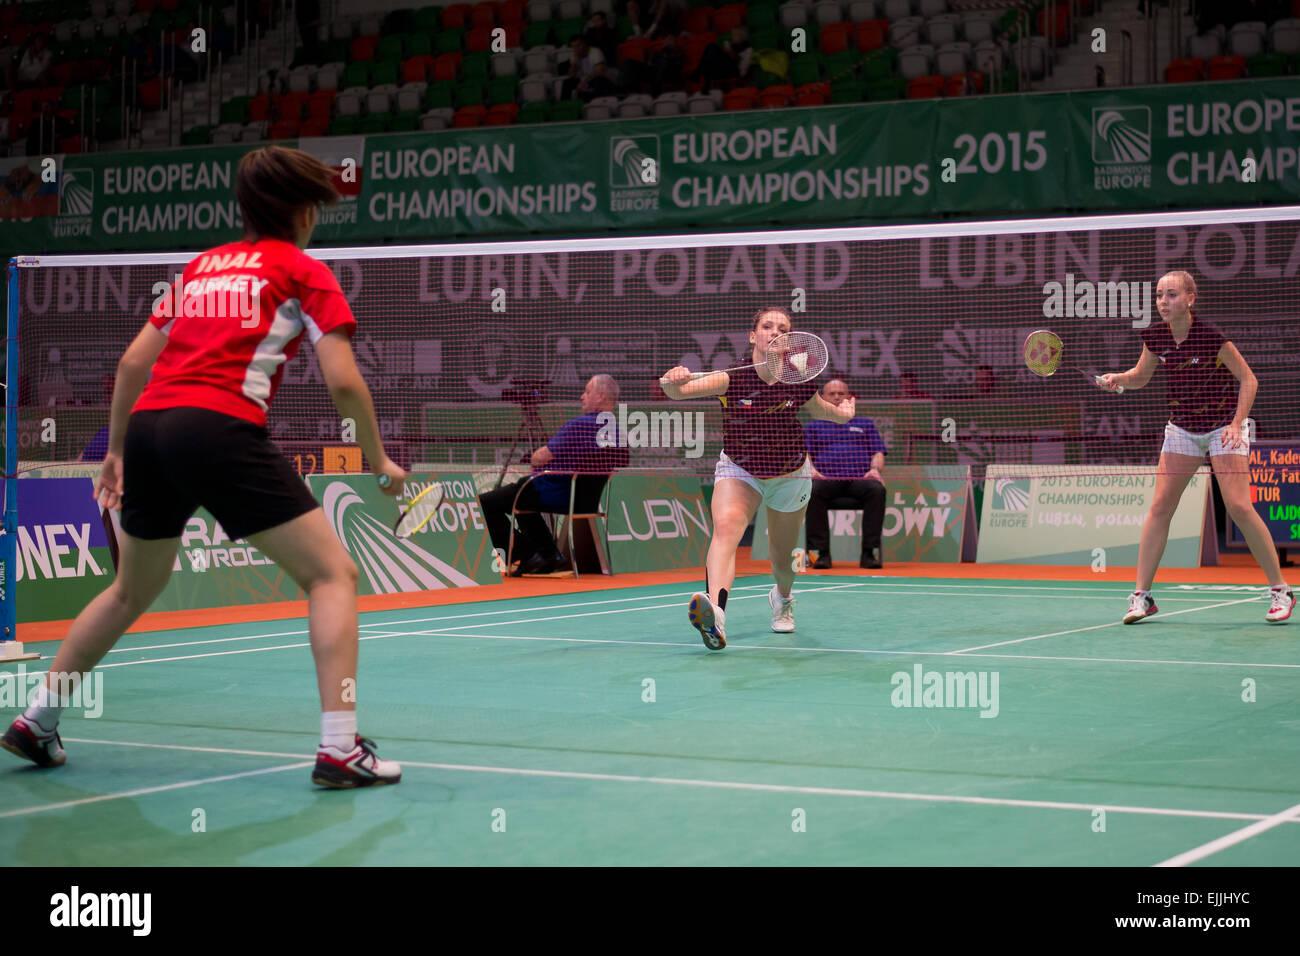 Lubin, Polonia. 27 Mar, 2015. Torneo de Equipos en badminton durante el Campeonato Junior Europeo 2015. Coincidencia Imagen De Stock